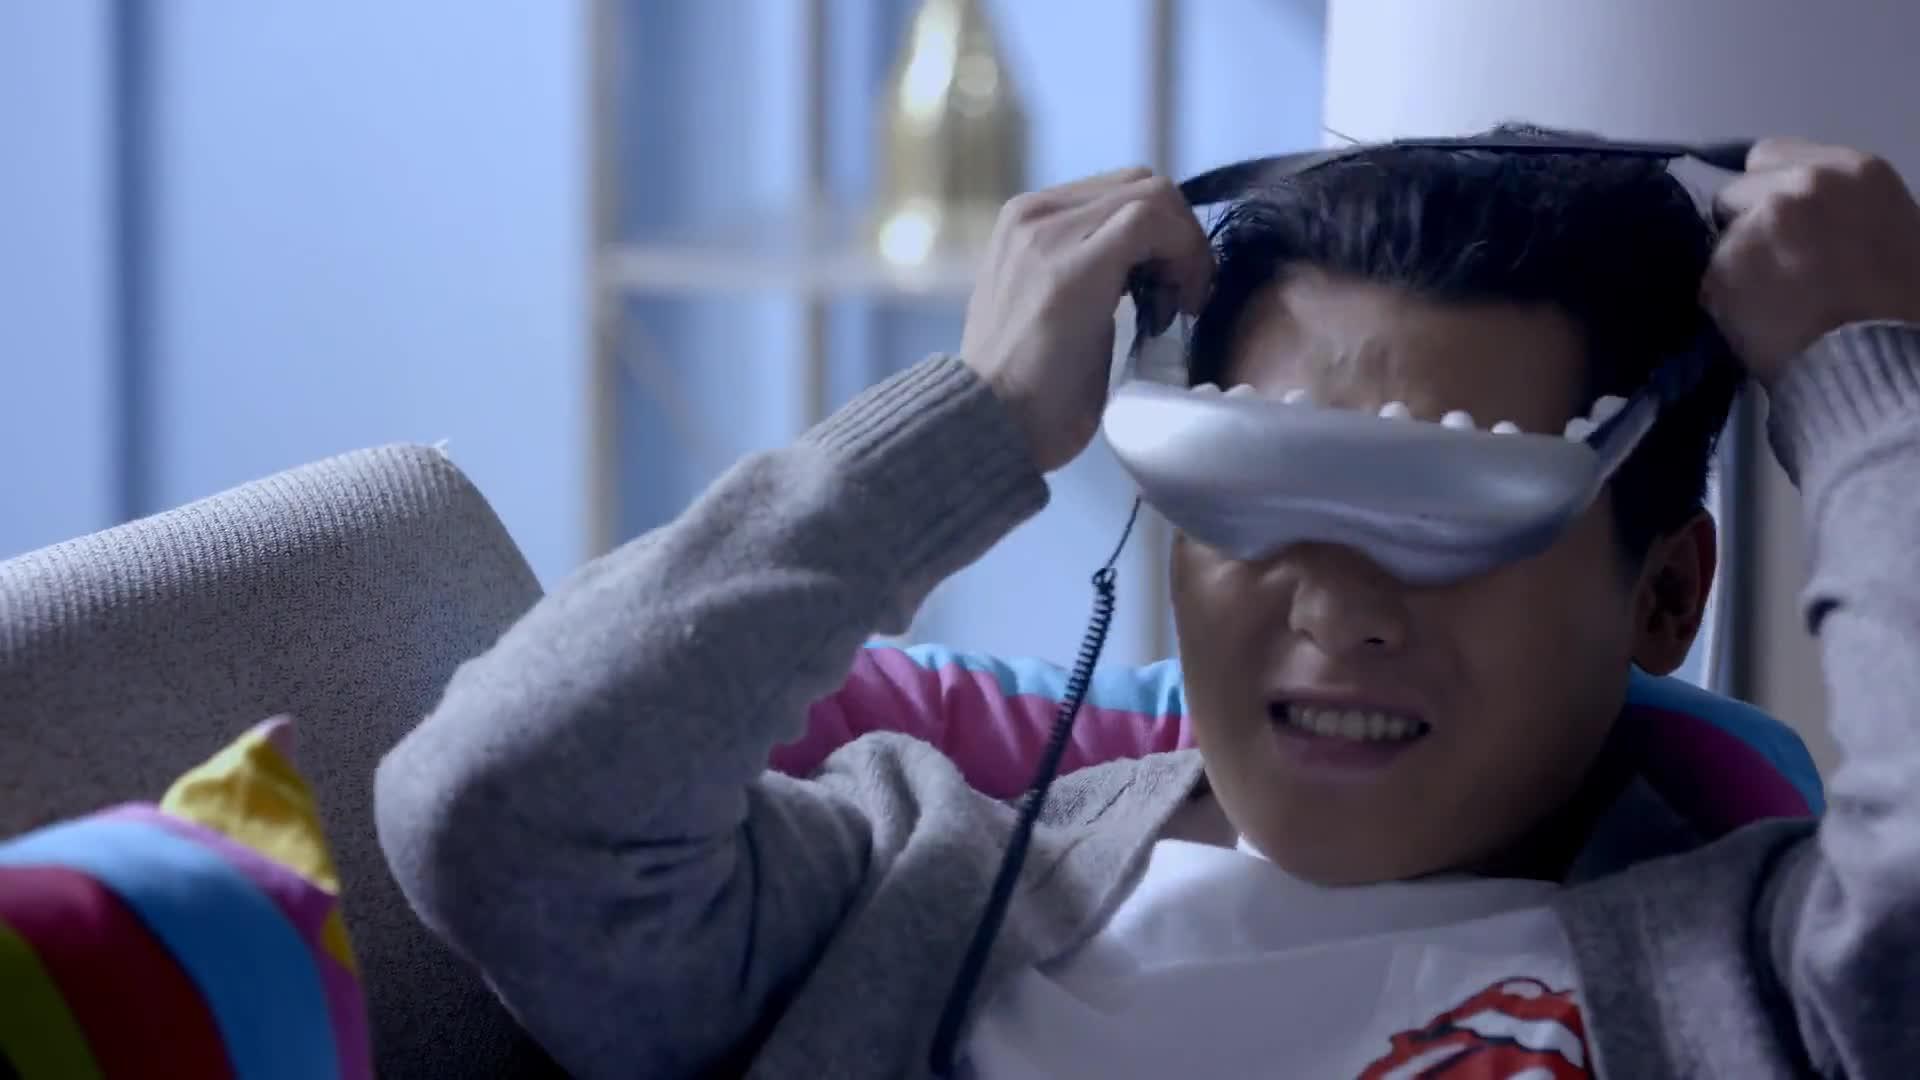 男子戴上眼罩,瞬间进入了别人的记忆里!这个人难道是偷窥狂?